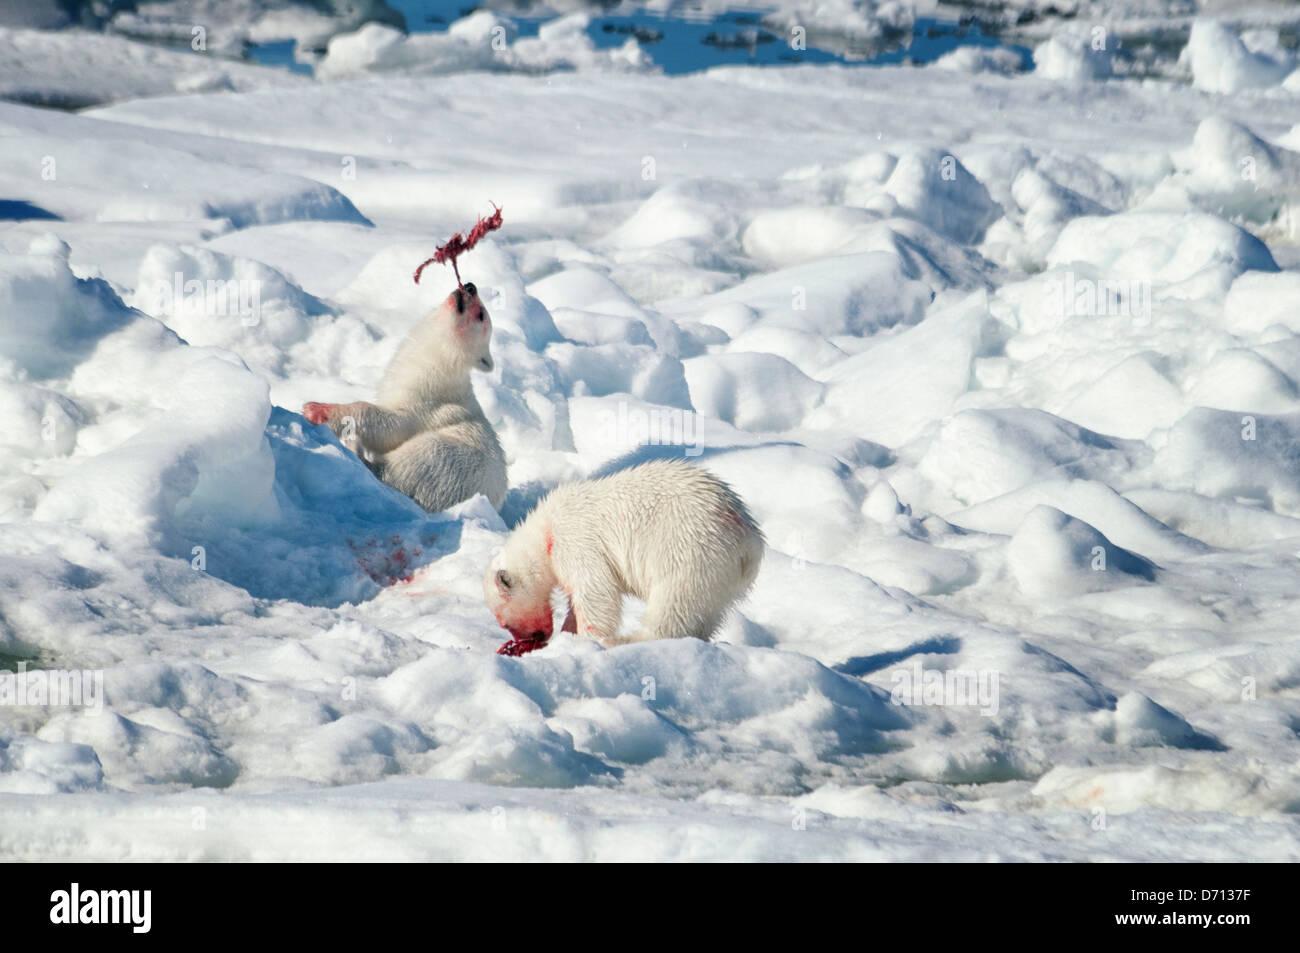 #10 in einer Reihe von Bildern von einer Mutter Eisbär Ursus Maritimus, stalking eine Dichtung zu füttern Stockbild